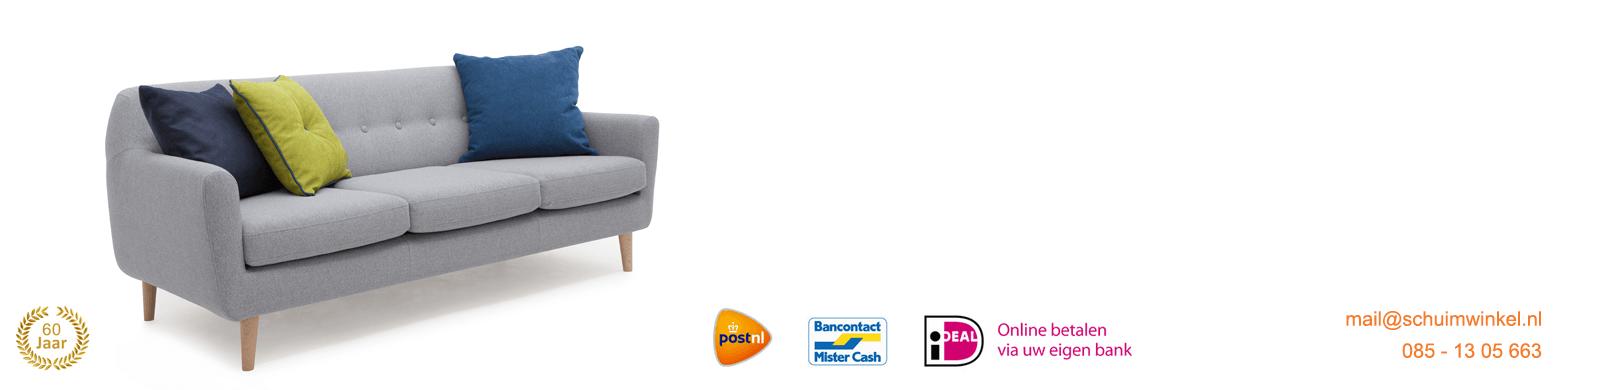 Astounding Schuimrubber Kopen Laagste Prijs Van Nl Schuimwinkel Nl Lamtechconsult Wood Chair Design Ideas Lamtechconsultcom